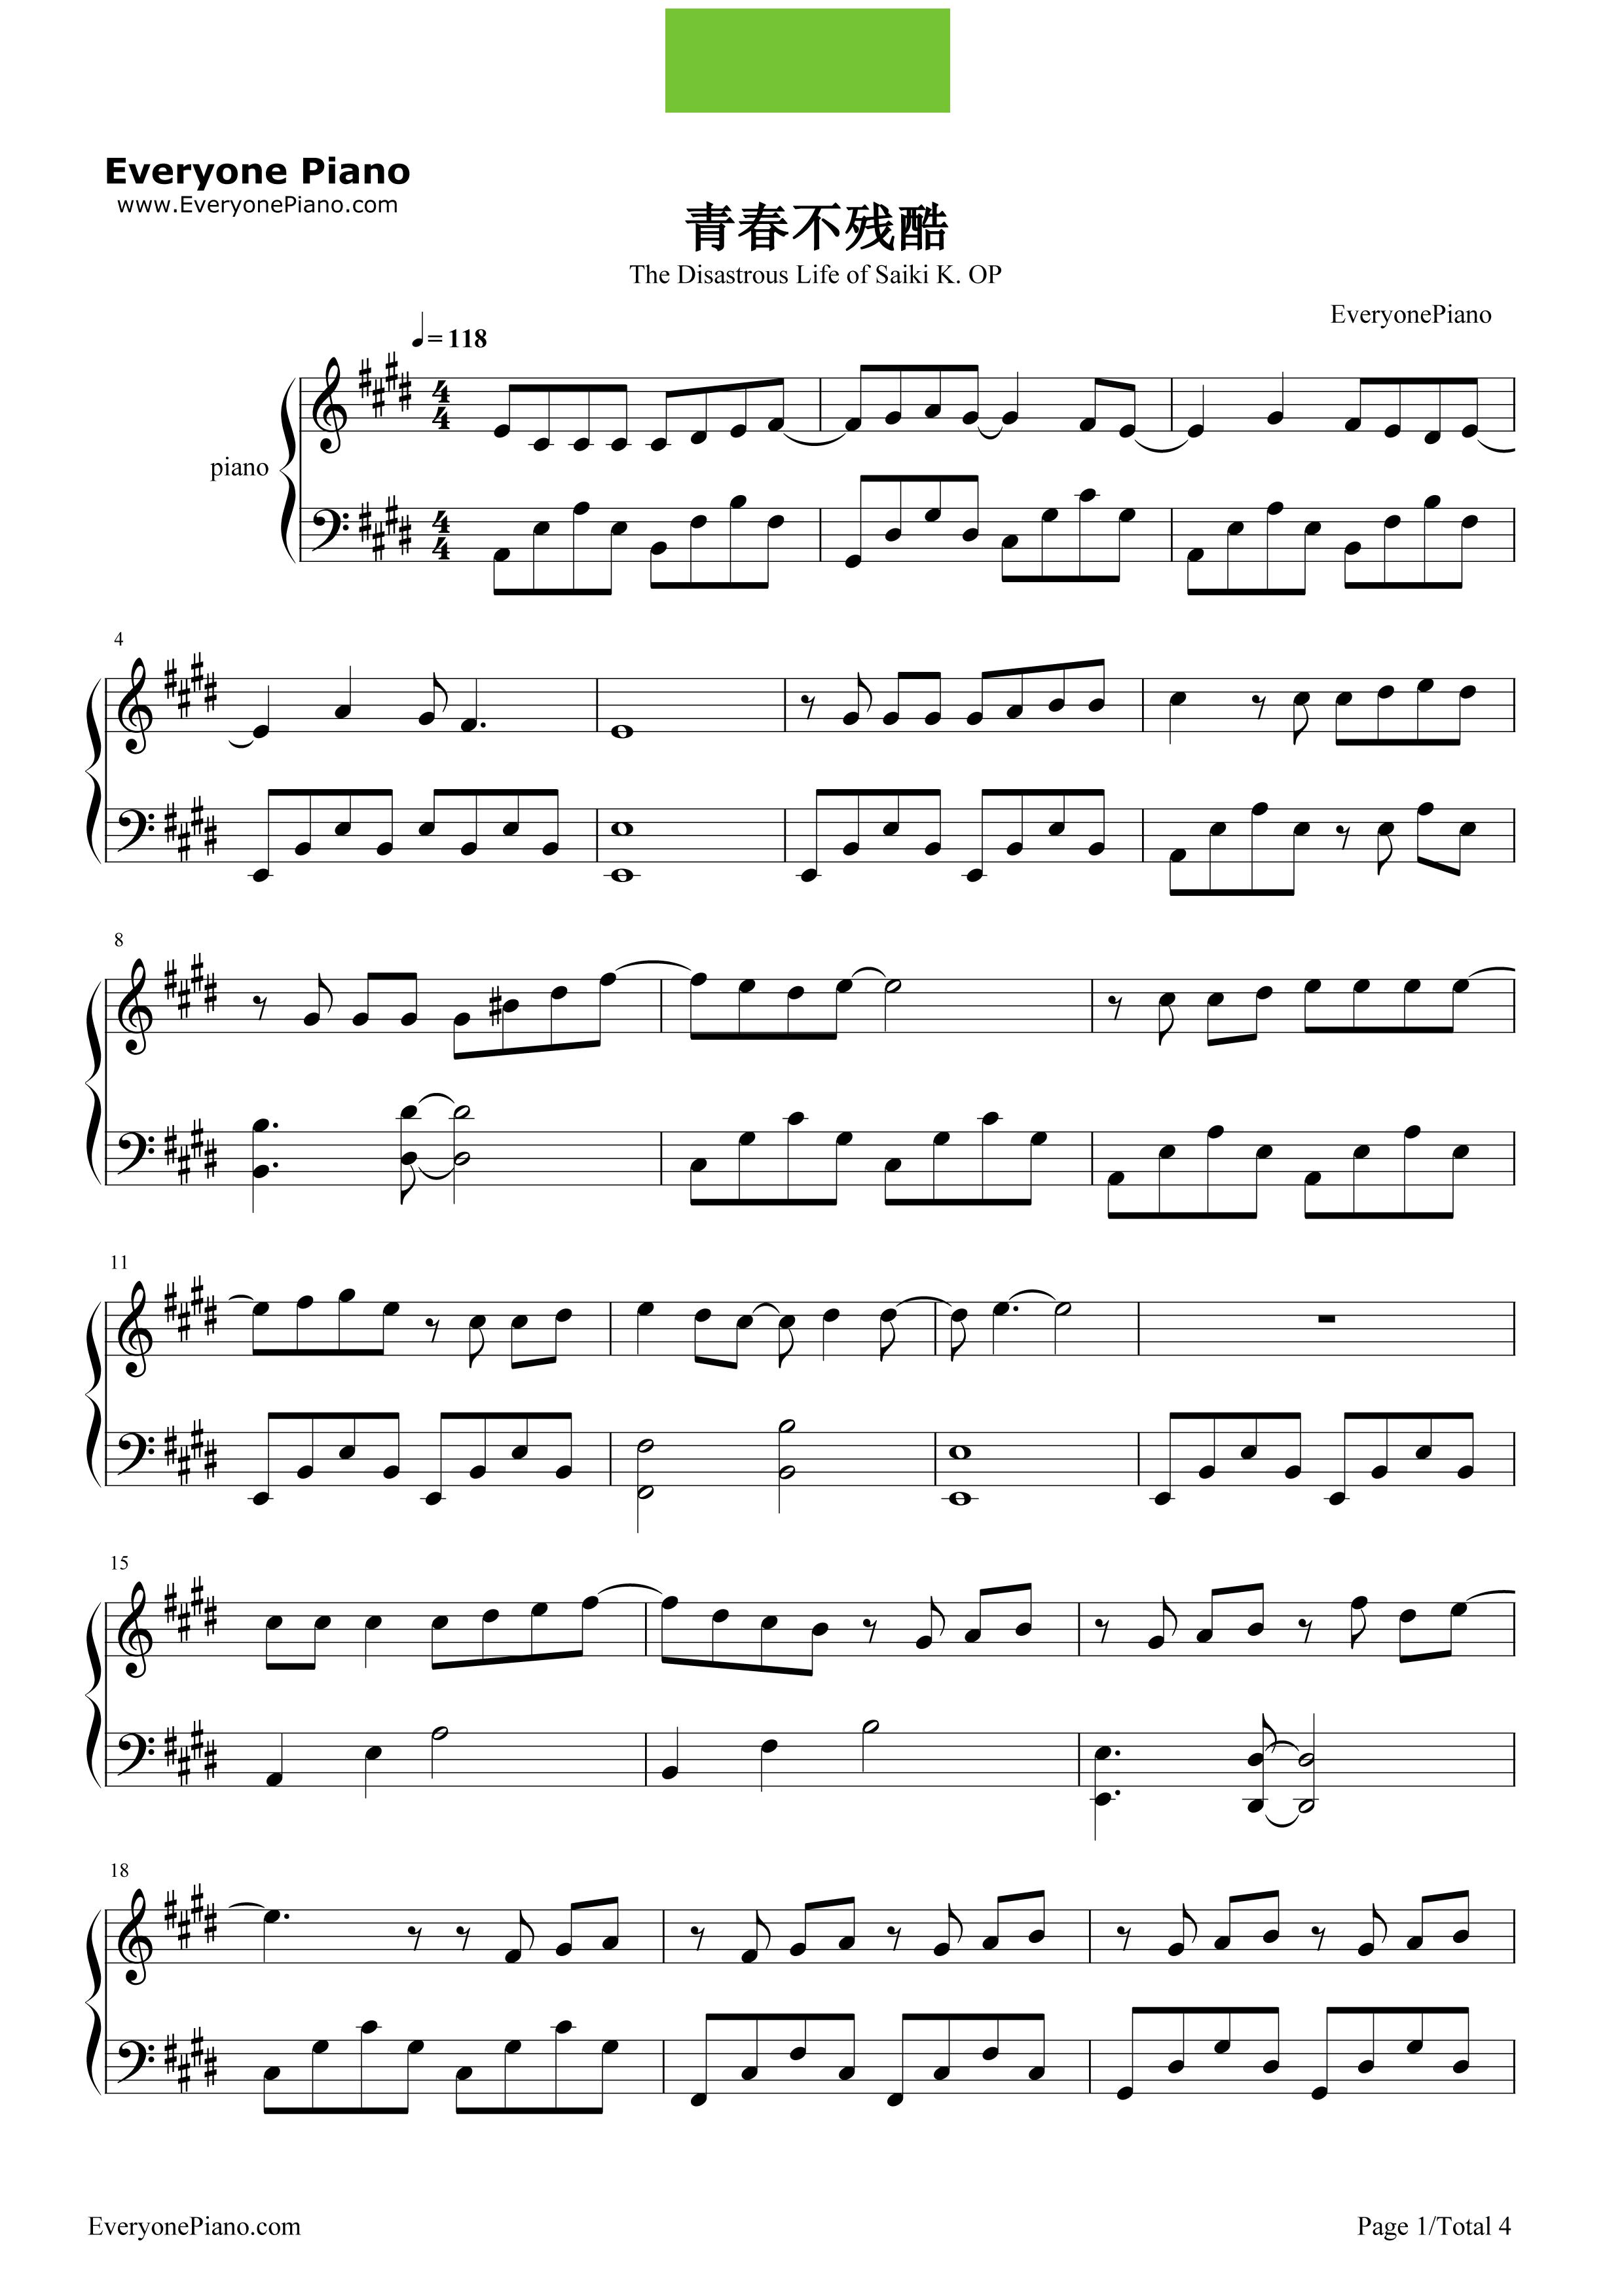 《青春不残酷》(超能力者齐木楠雄的灾难OP)钢琴谱第1张